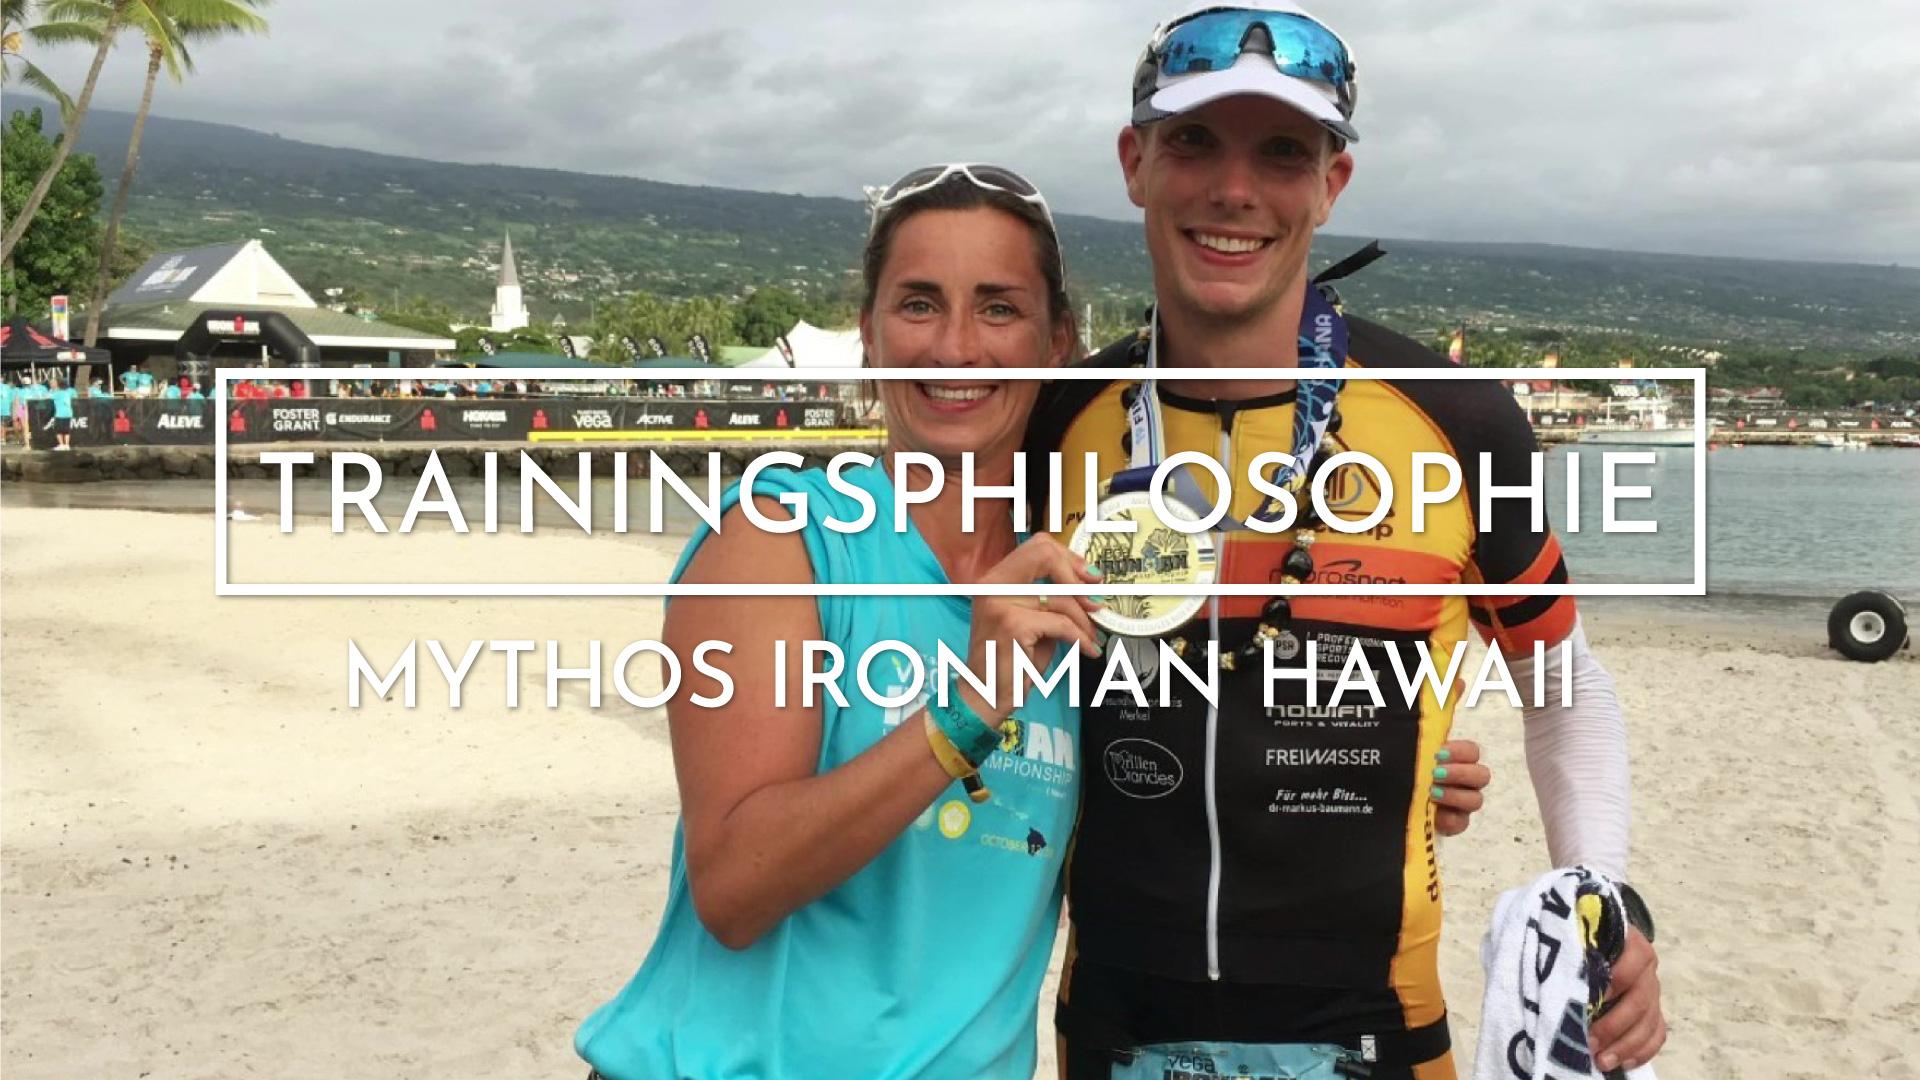 TRAININGSPHILOSOPHIE | Mythos Ironman Hawaii